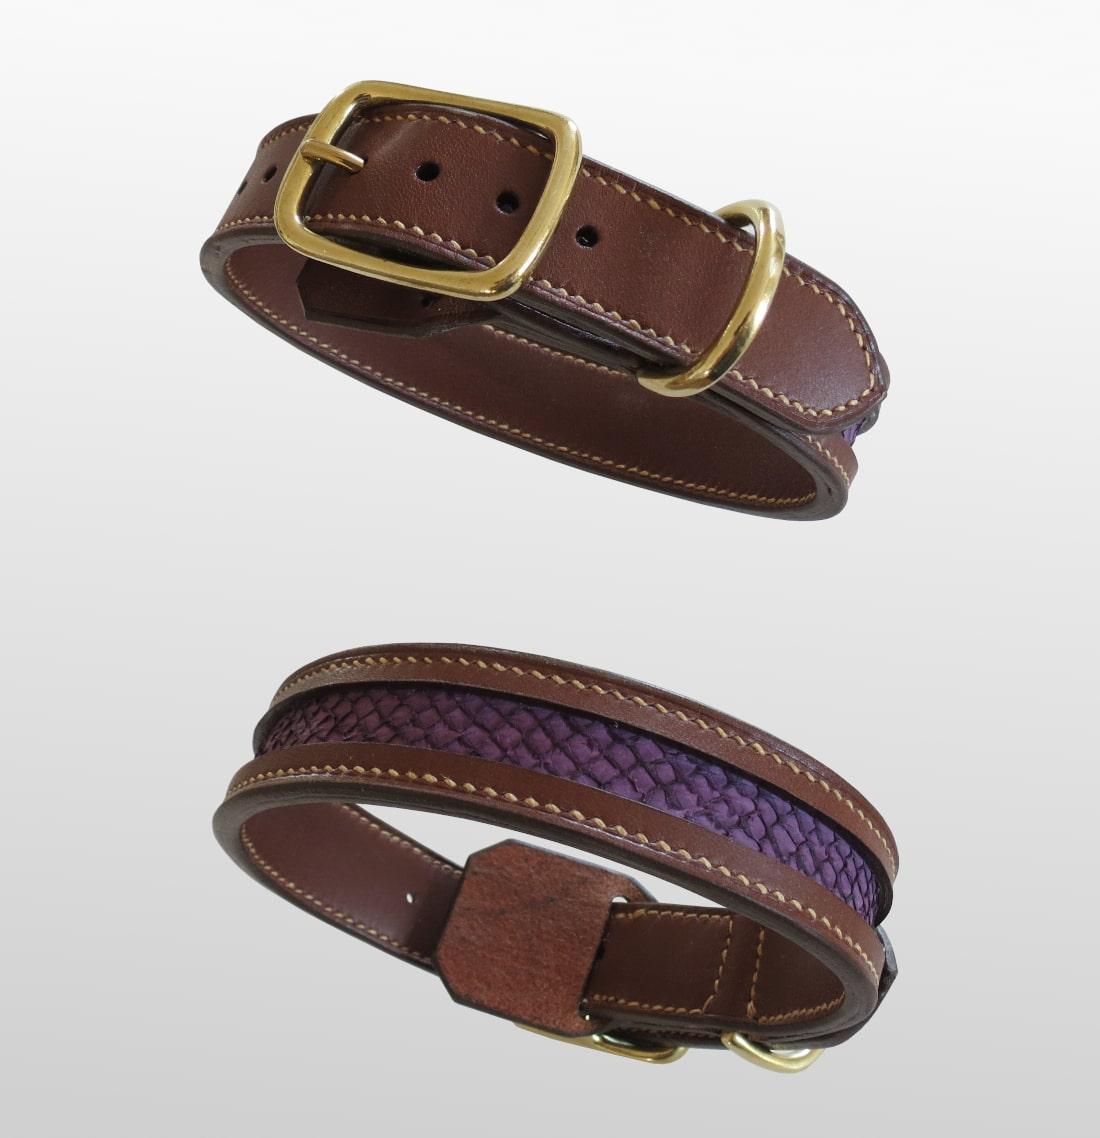 collier écailles chien cuir fabriqué en france